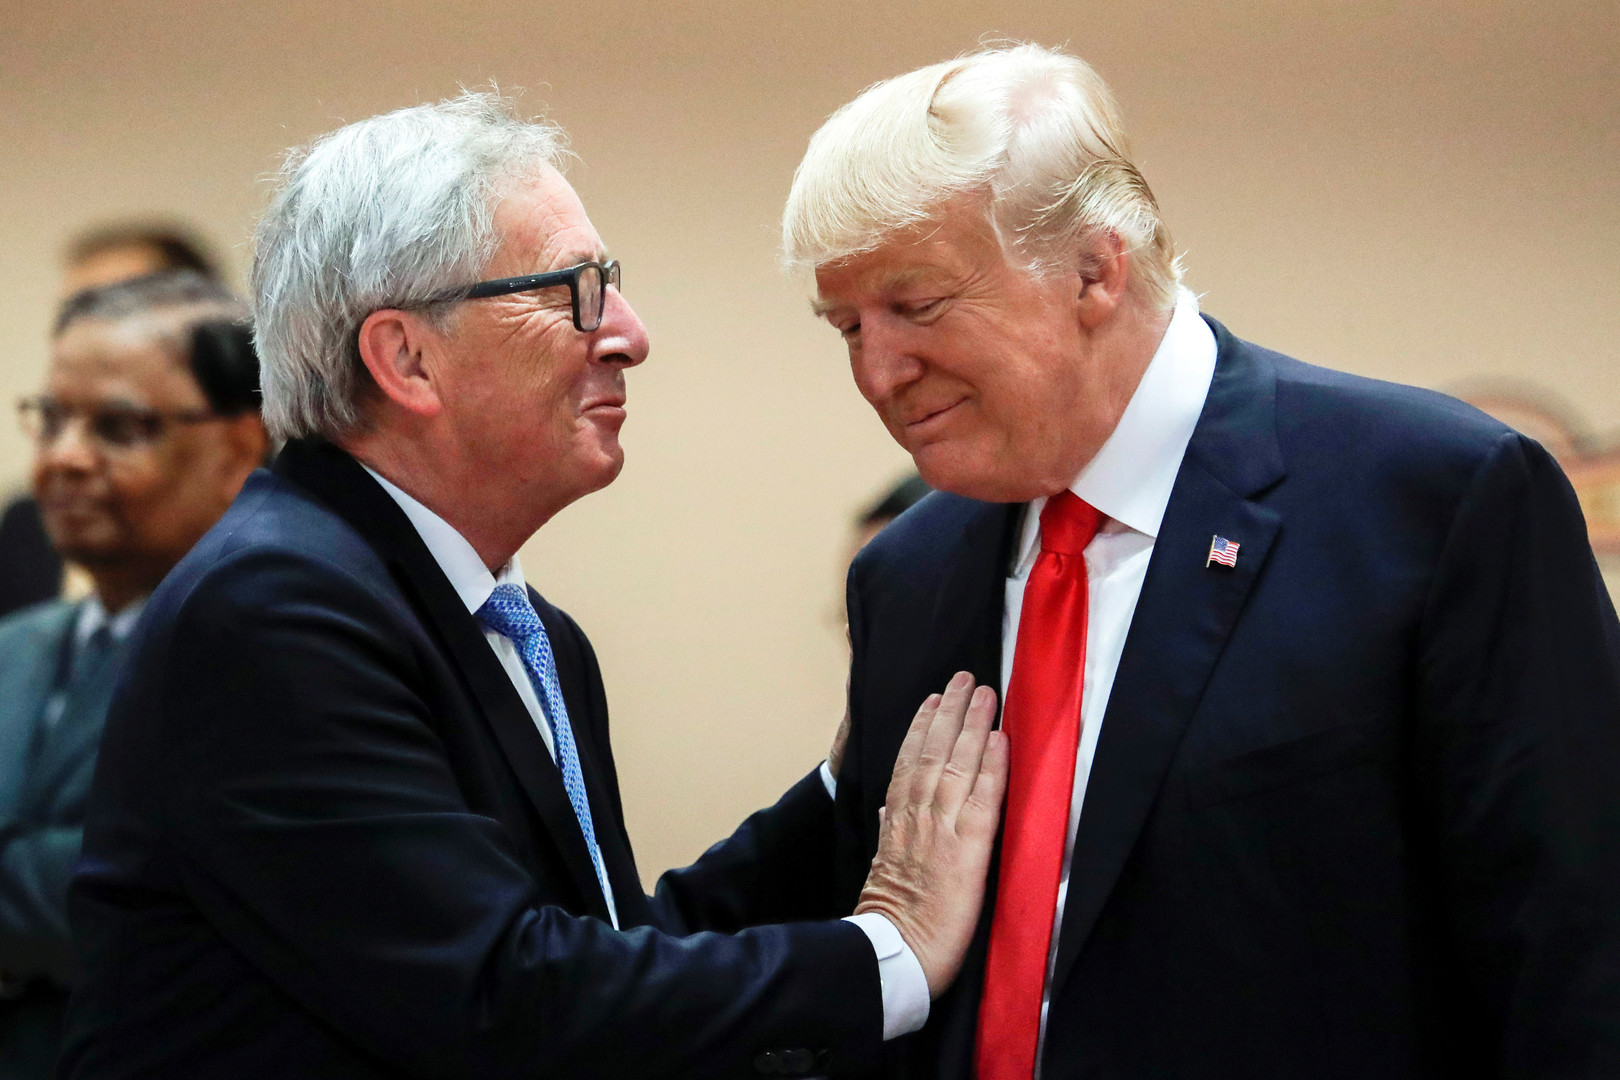 Европейский барьер: в Брюсселе готовят ответ на новые санкции Вашингтона против России